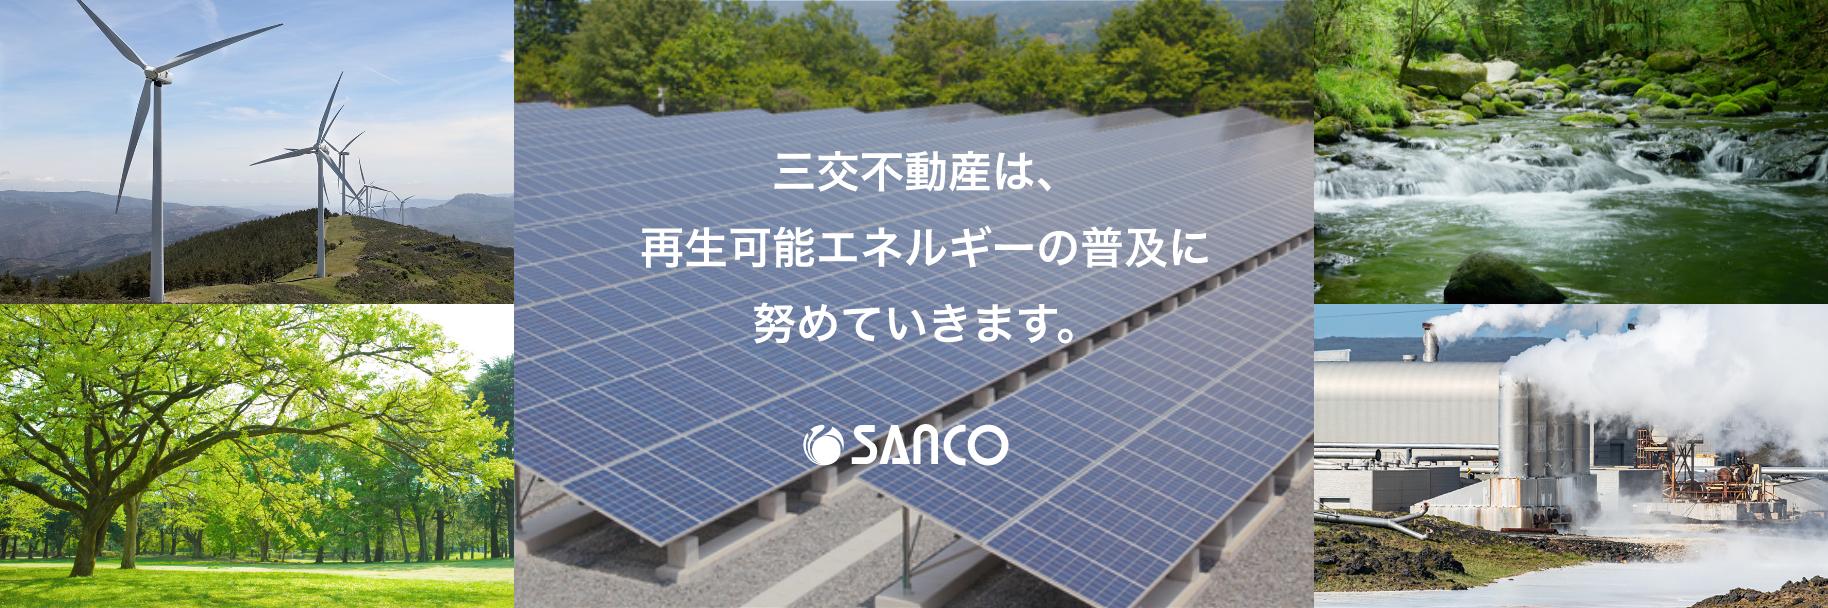 三交不動産は、再生可能エネルギーの普及に努めていきます。